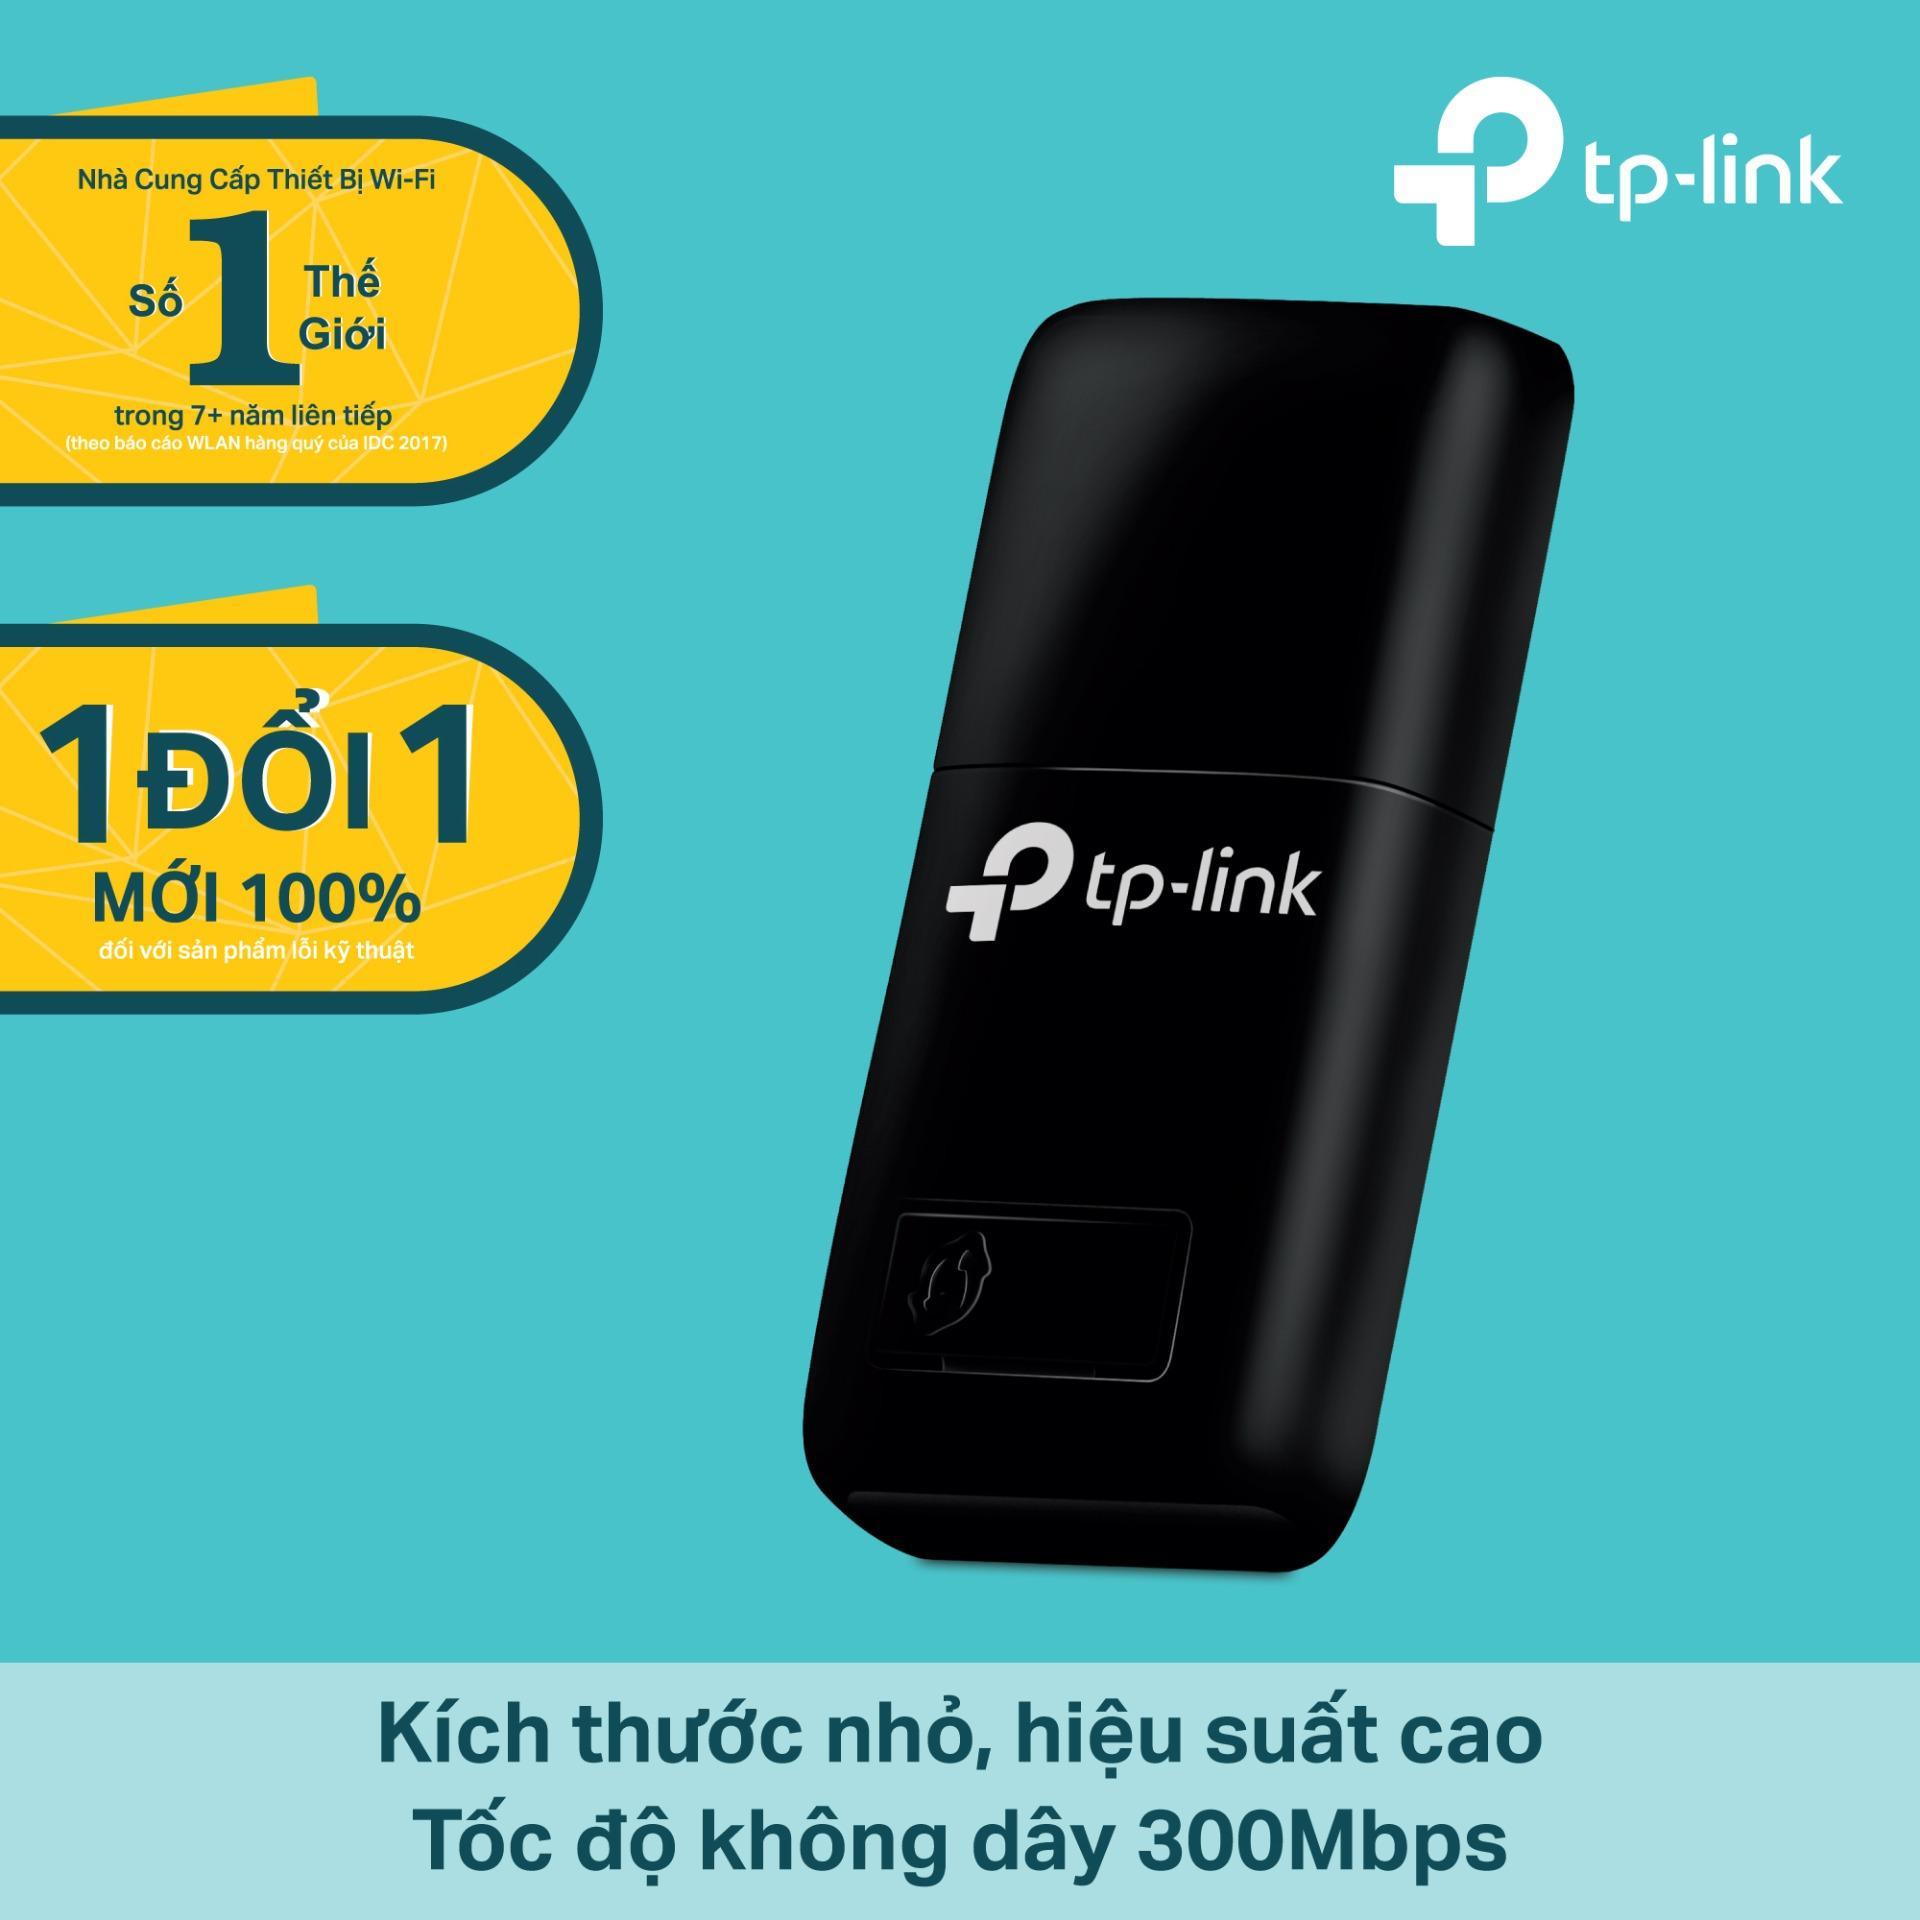 Mua B Thu Sng Wifi Tp Link Online Gi Tt Tl Wn 823n 300mbps Wn823n Usb Kt Ni Wi Fi Chun N